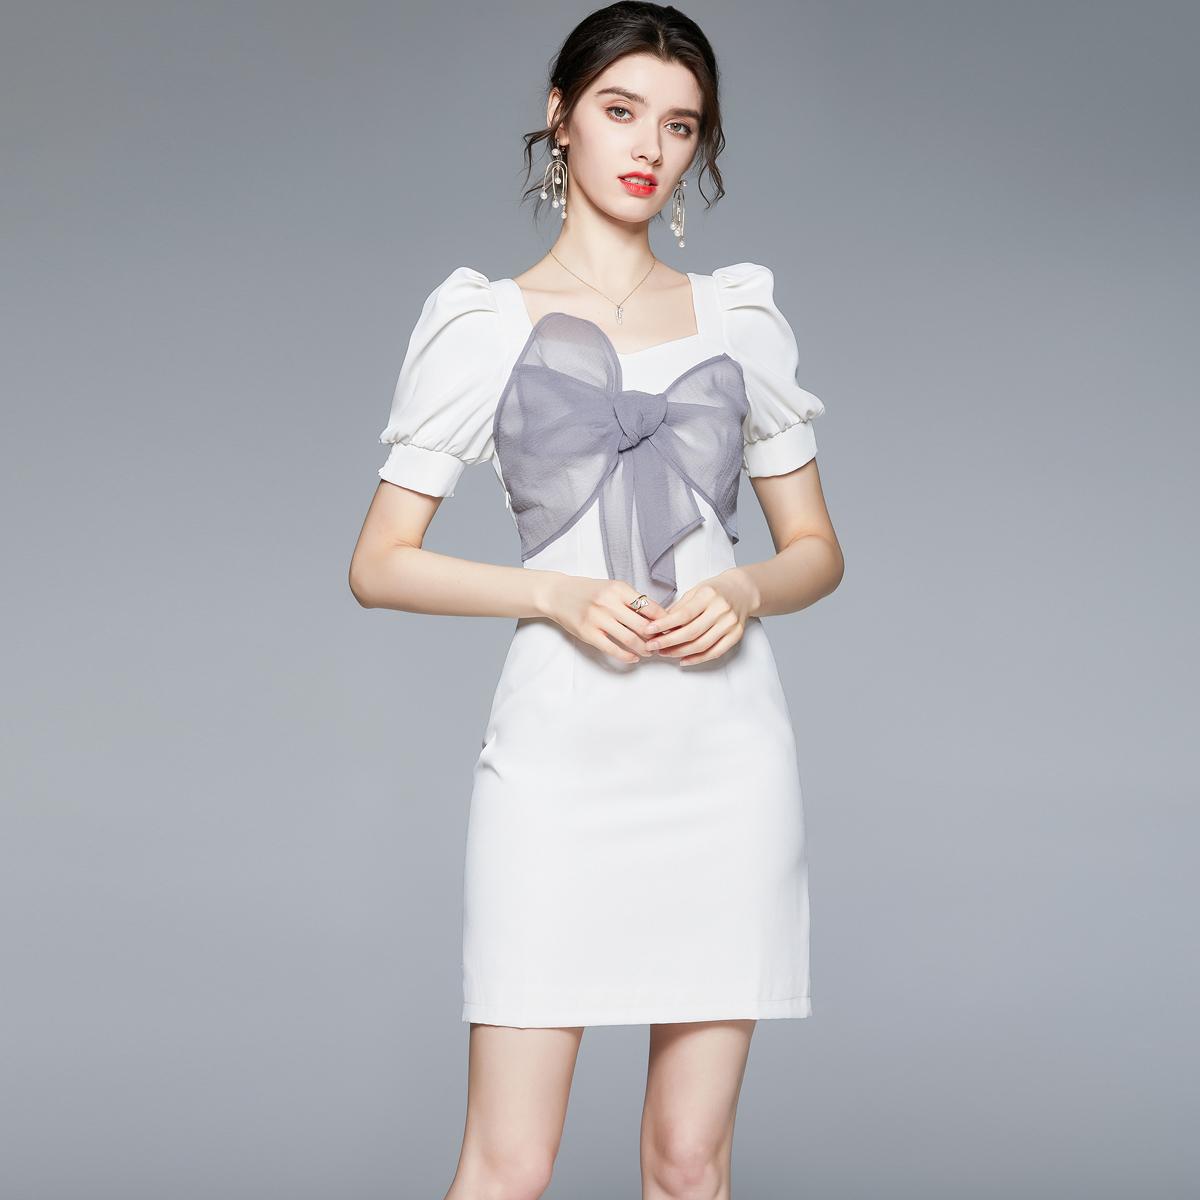 2021夏季新款女装蝴蝶结泡泡短袖法式方领甜美连衣裙7042